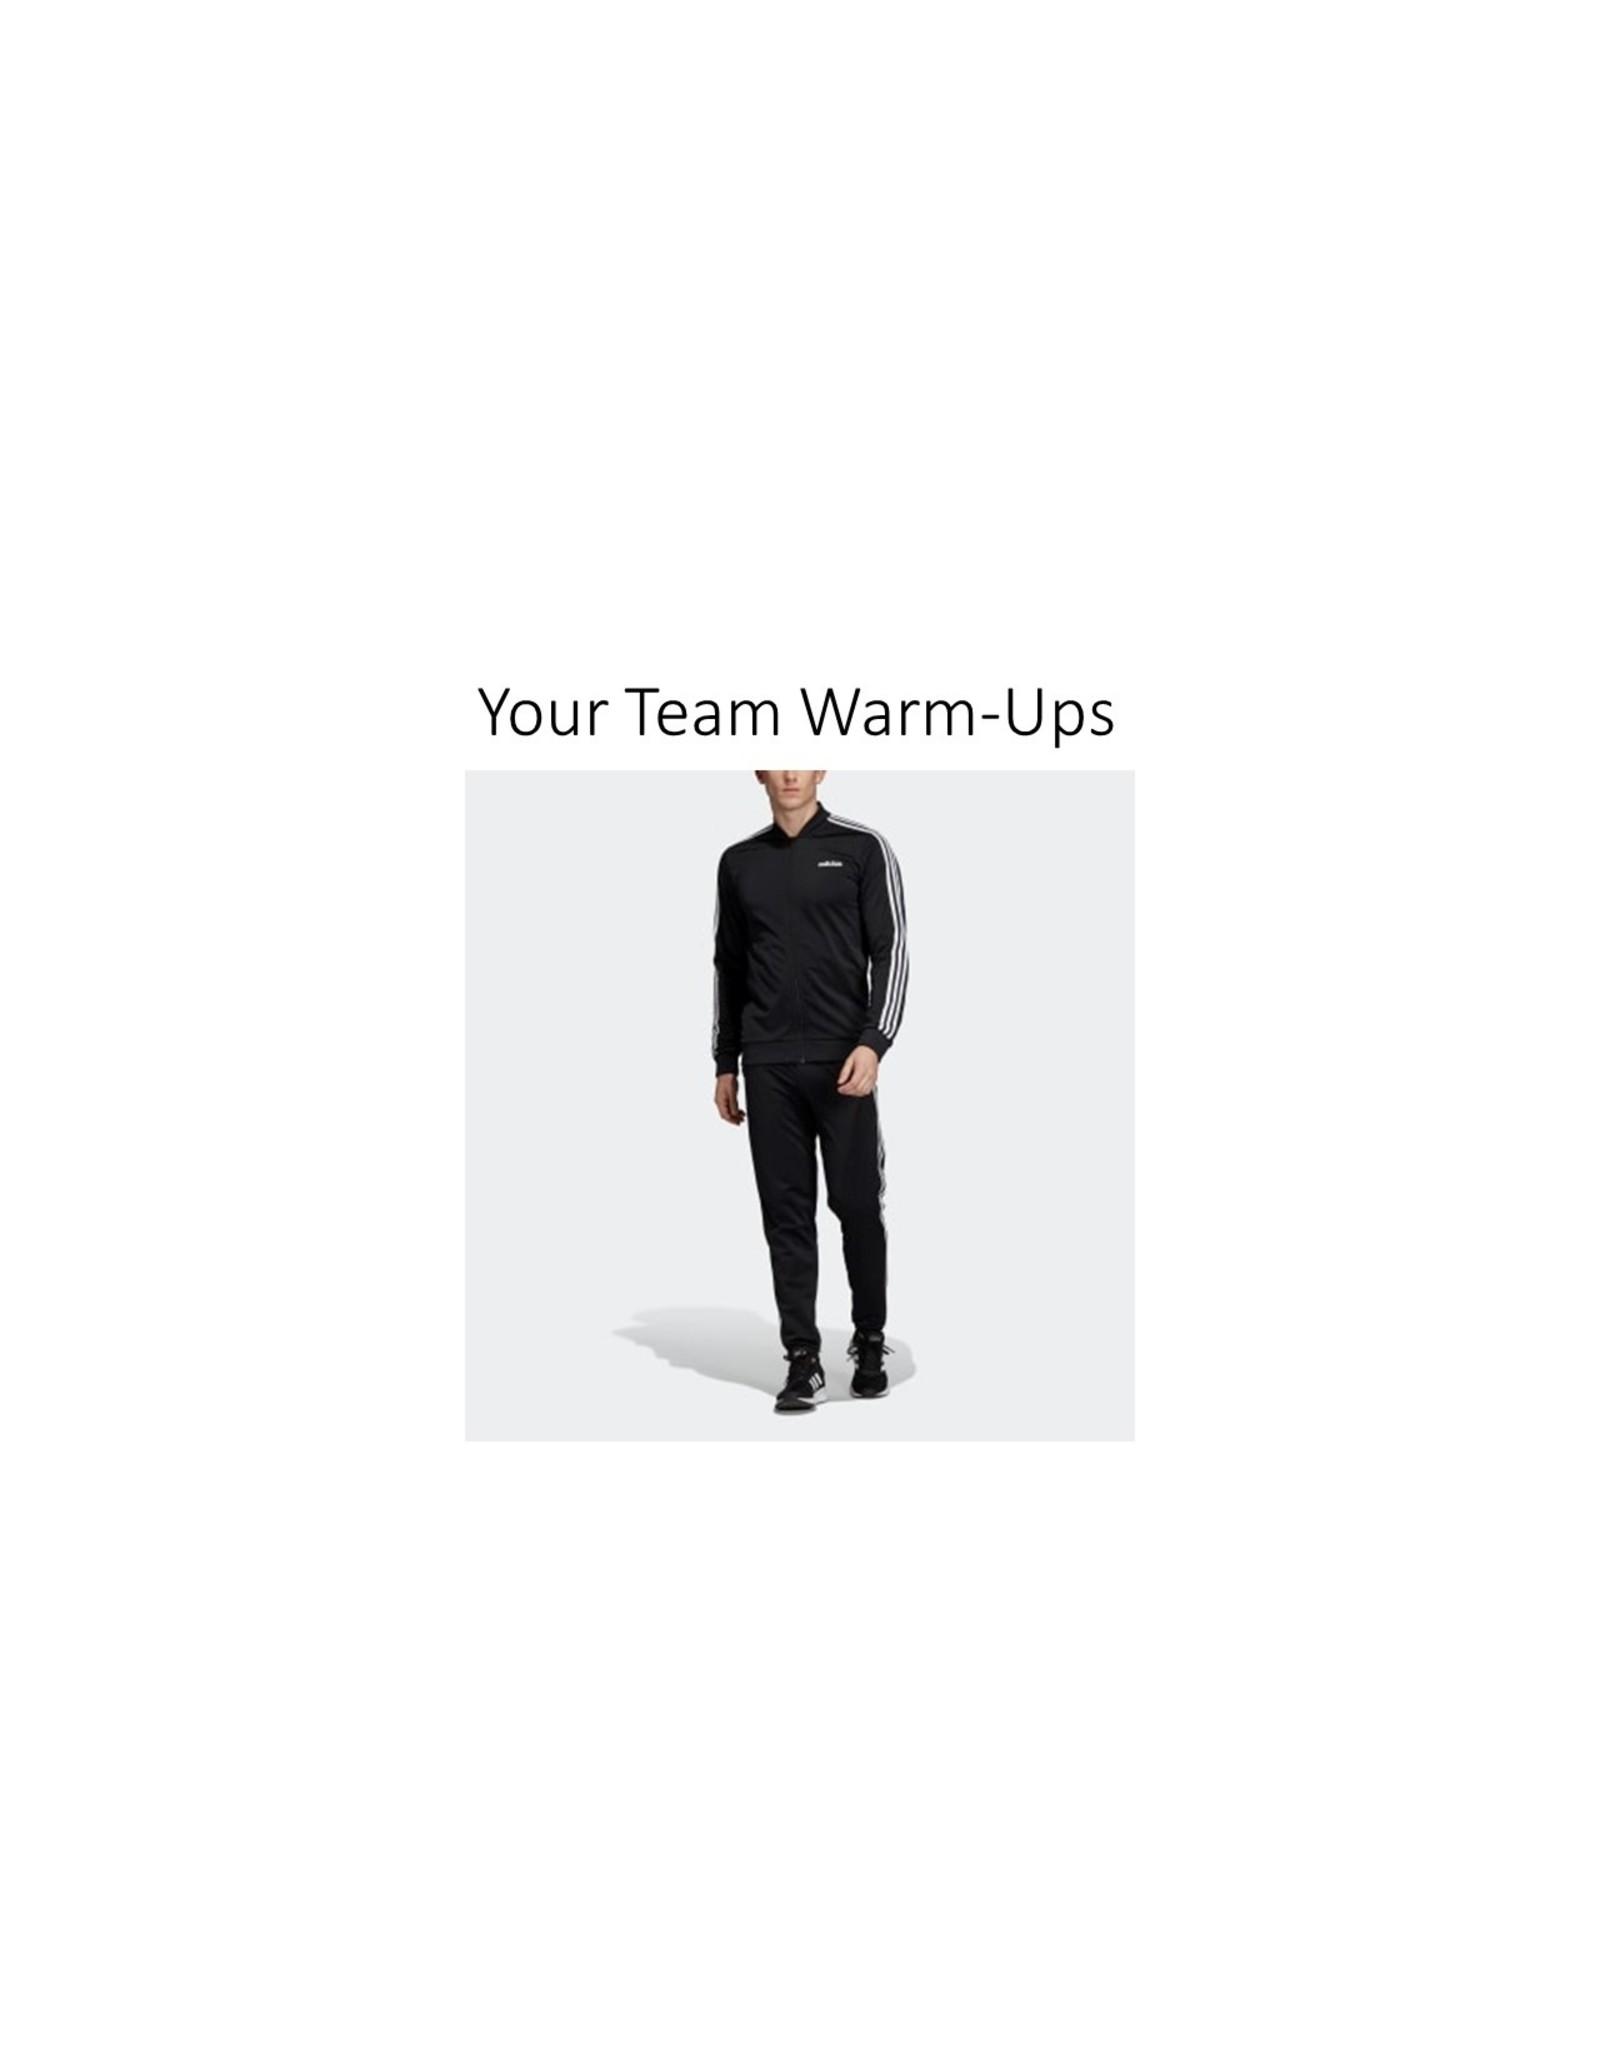 SAMPLE TEAM WARM-UPS